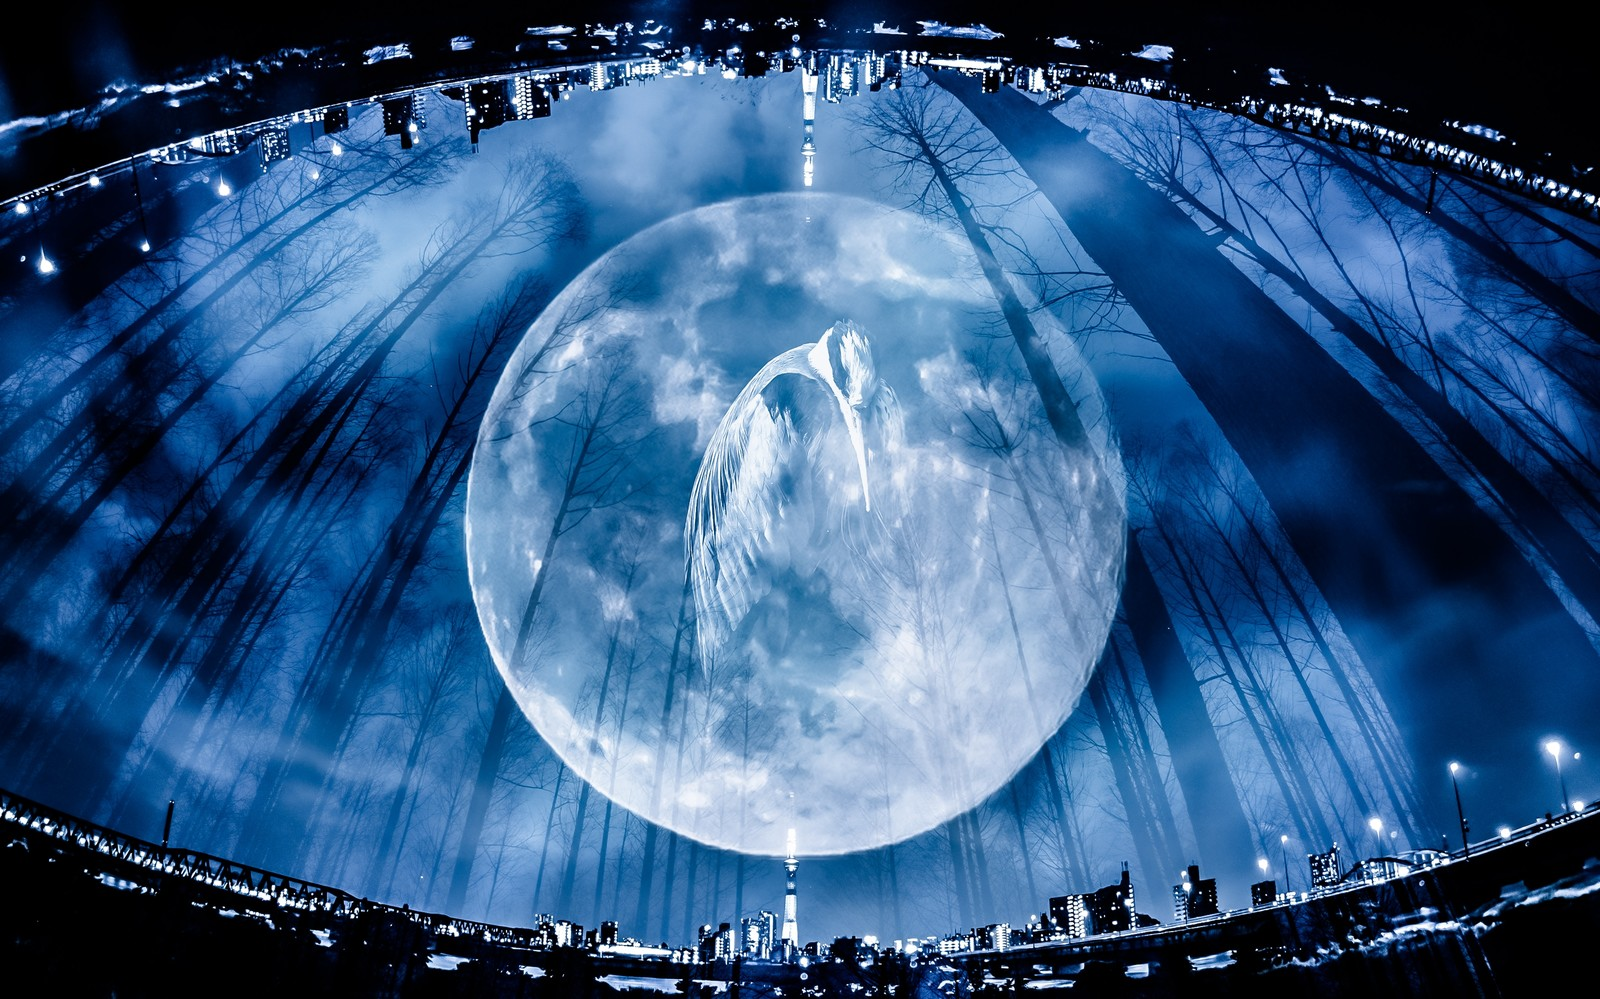 「満月と鶴(フォトモンタージュ)」の写真